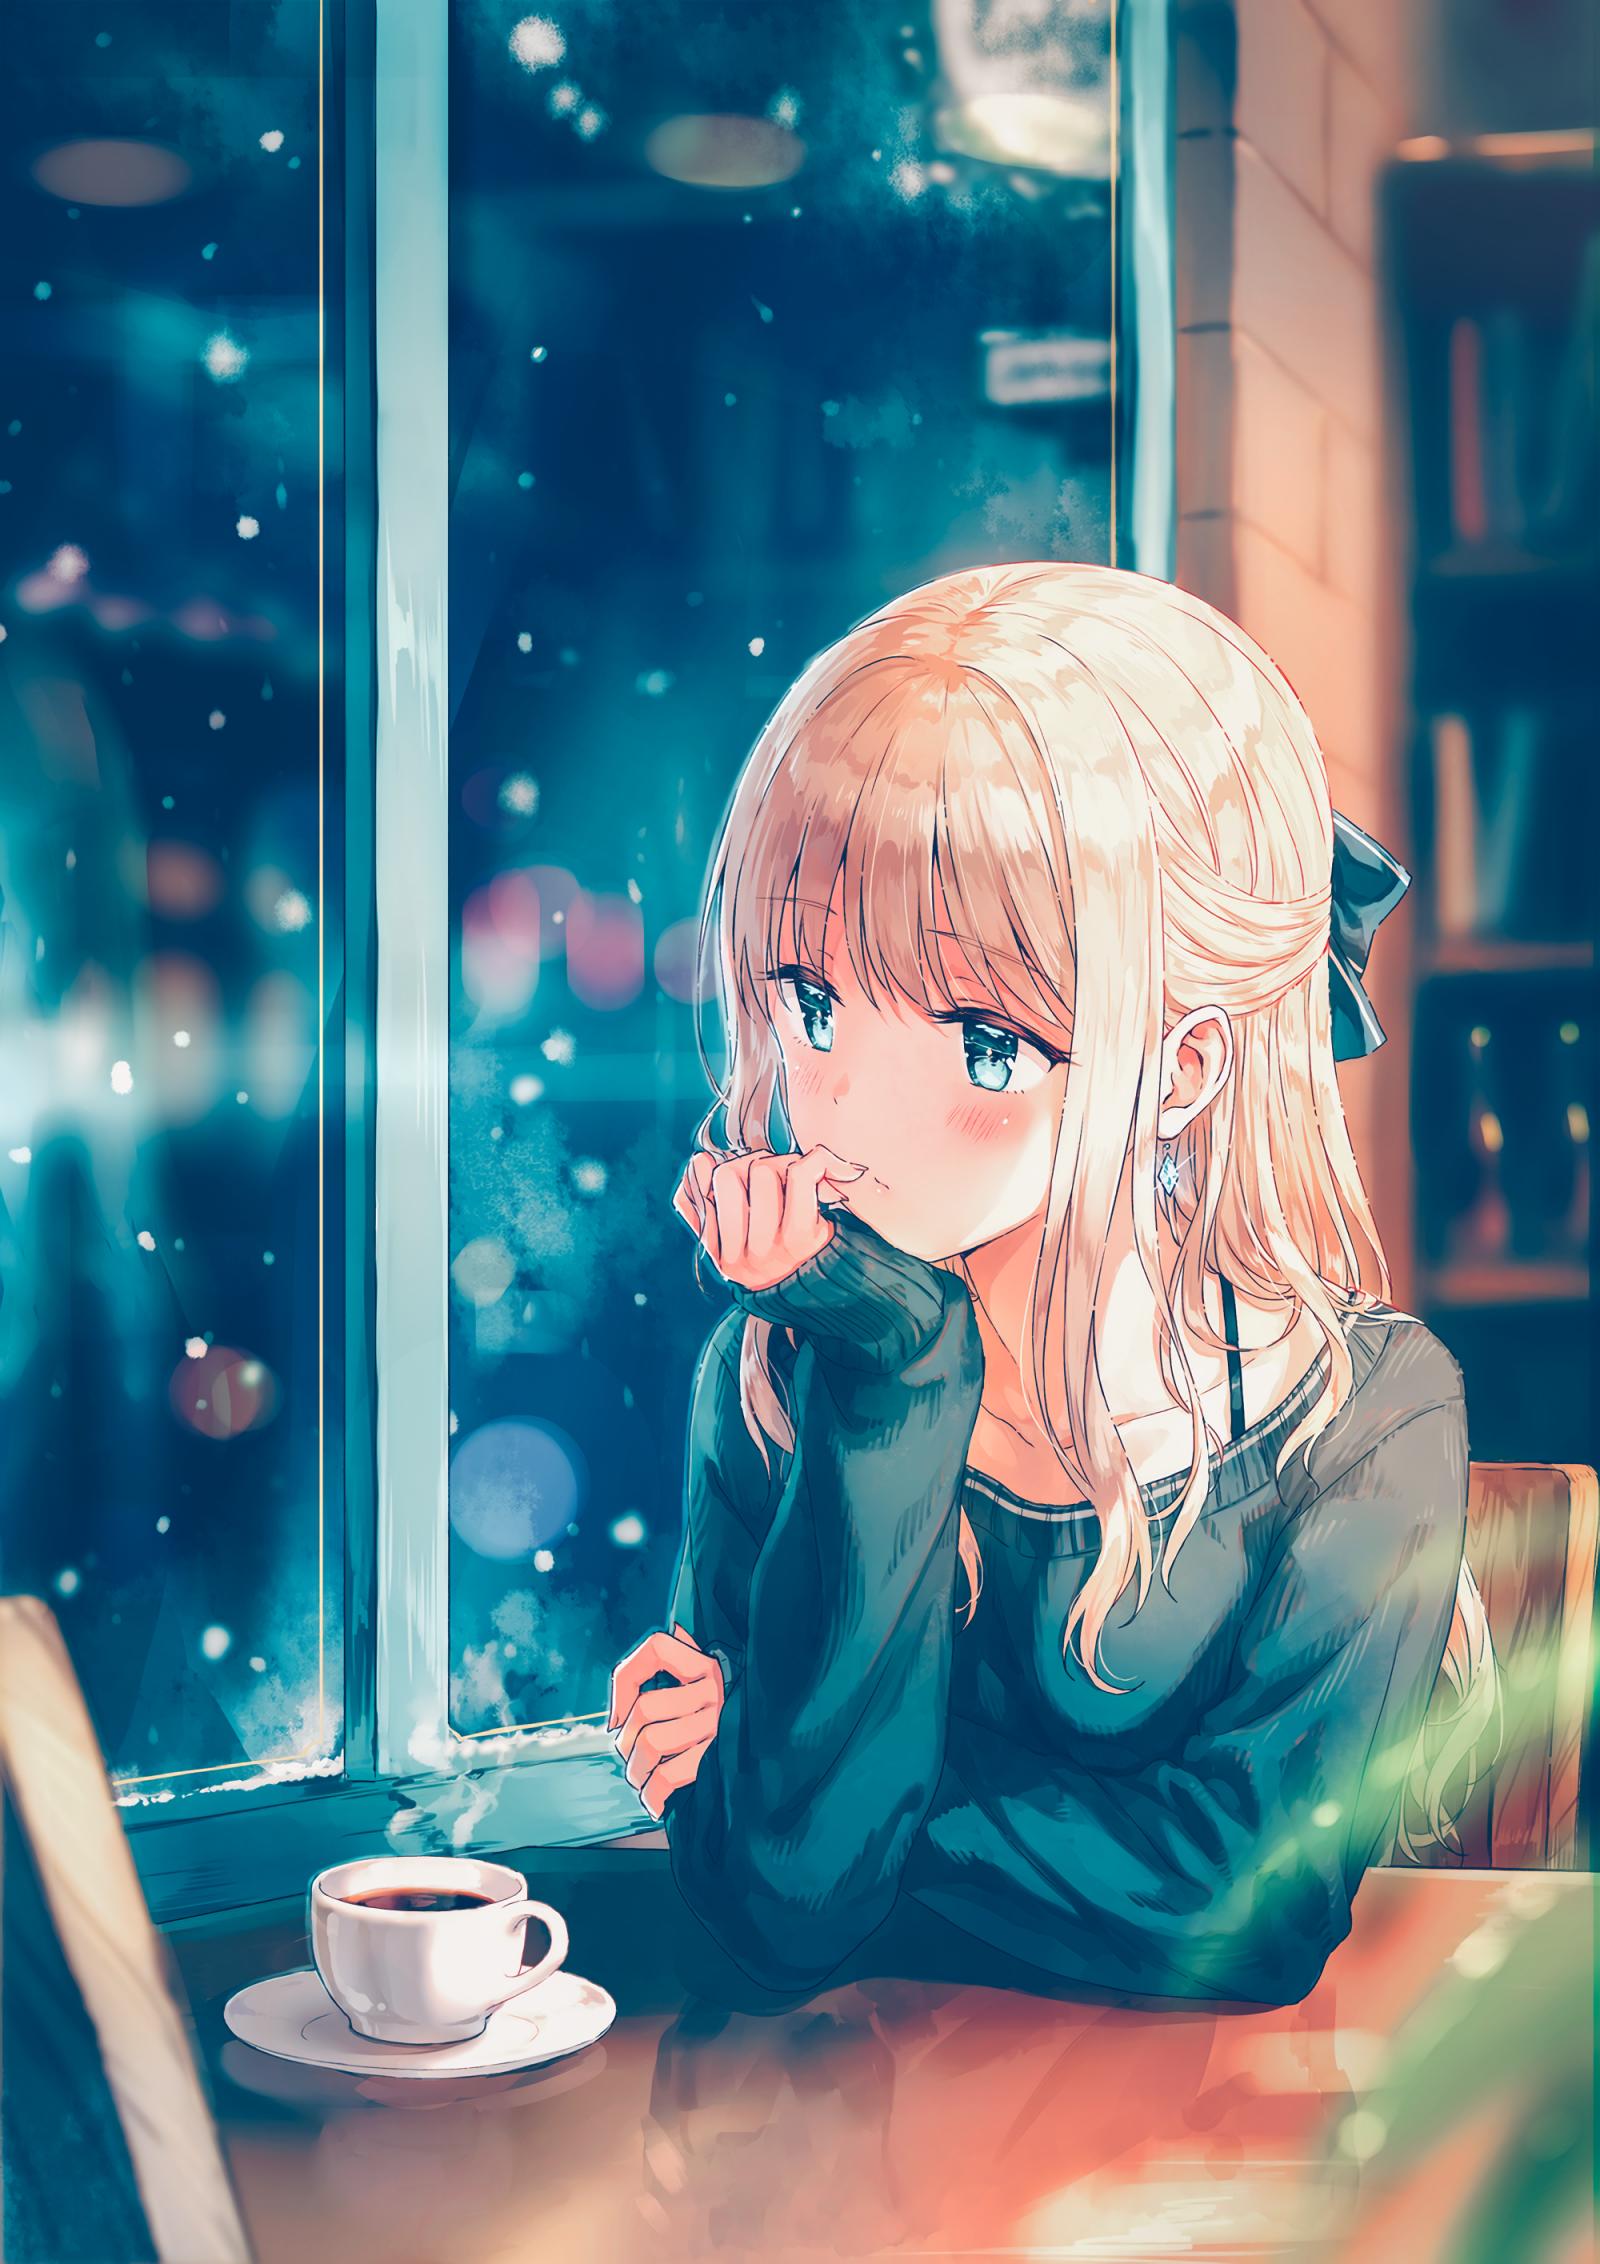 Wallpaper : illustration, blonde, long hair, anime girls